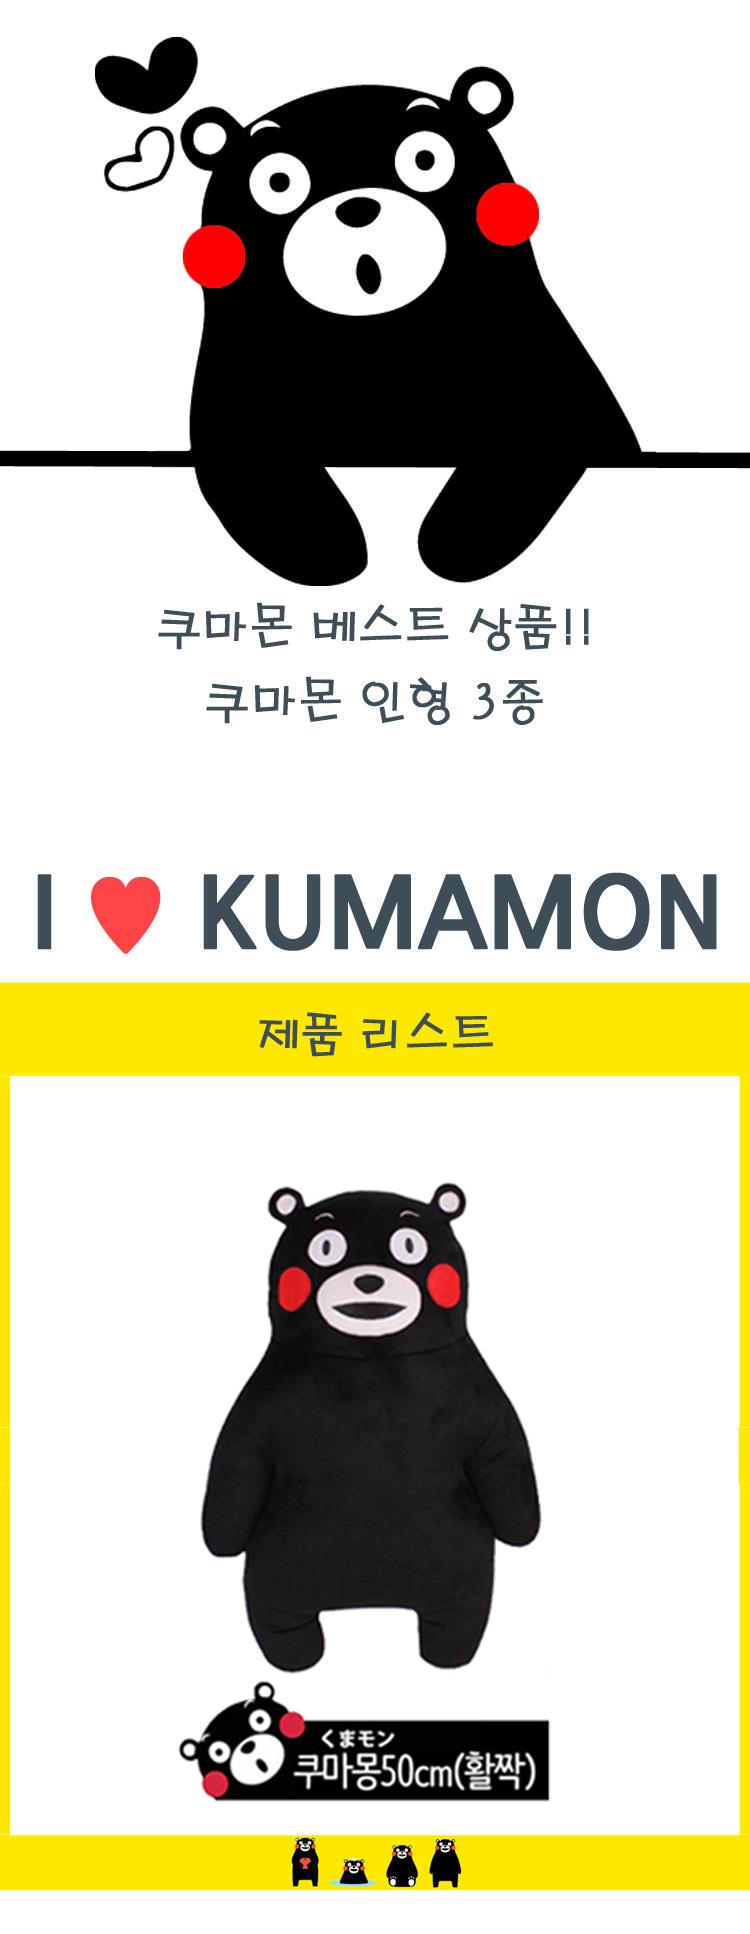 쿠마몬,쿠마몬이형,쿠마몽,구마모토현